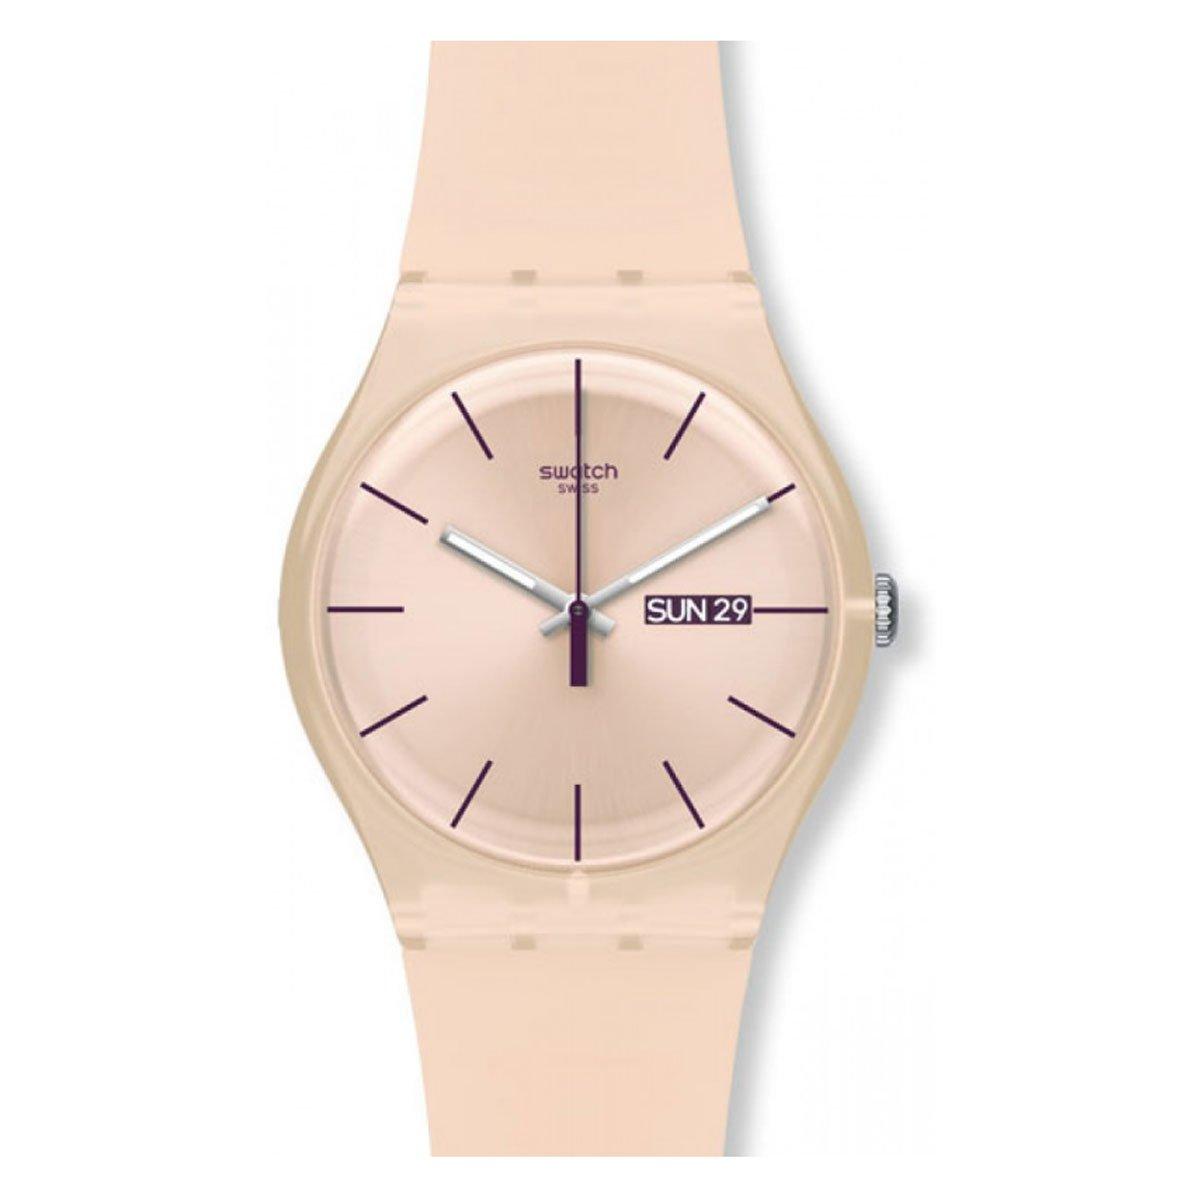 Swatch Reloj Analógico de Cuarzo para Mujer con Correa de Silicona –